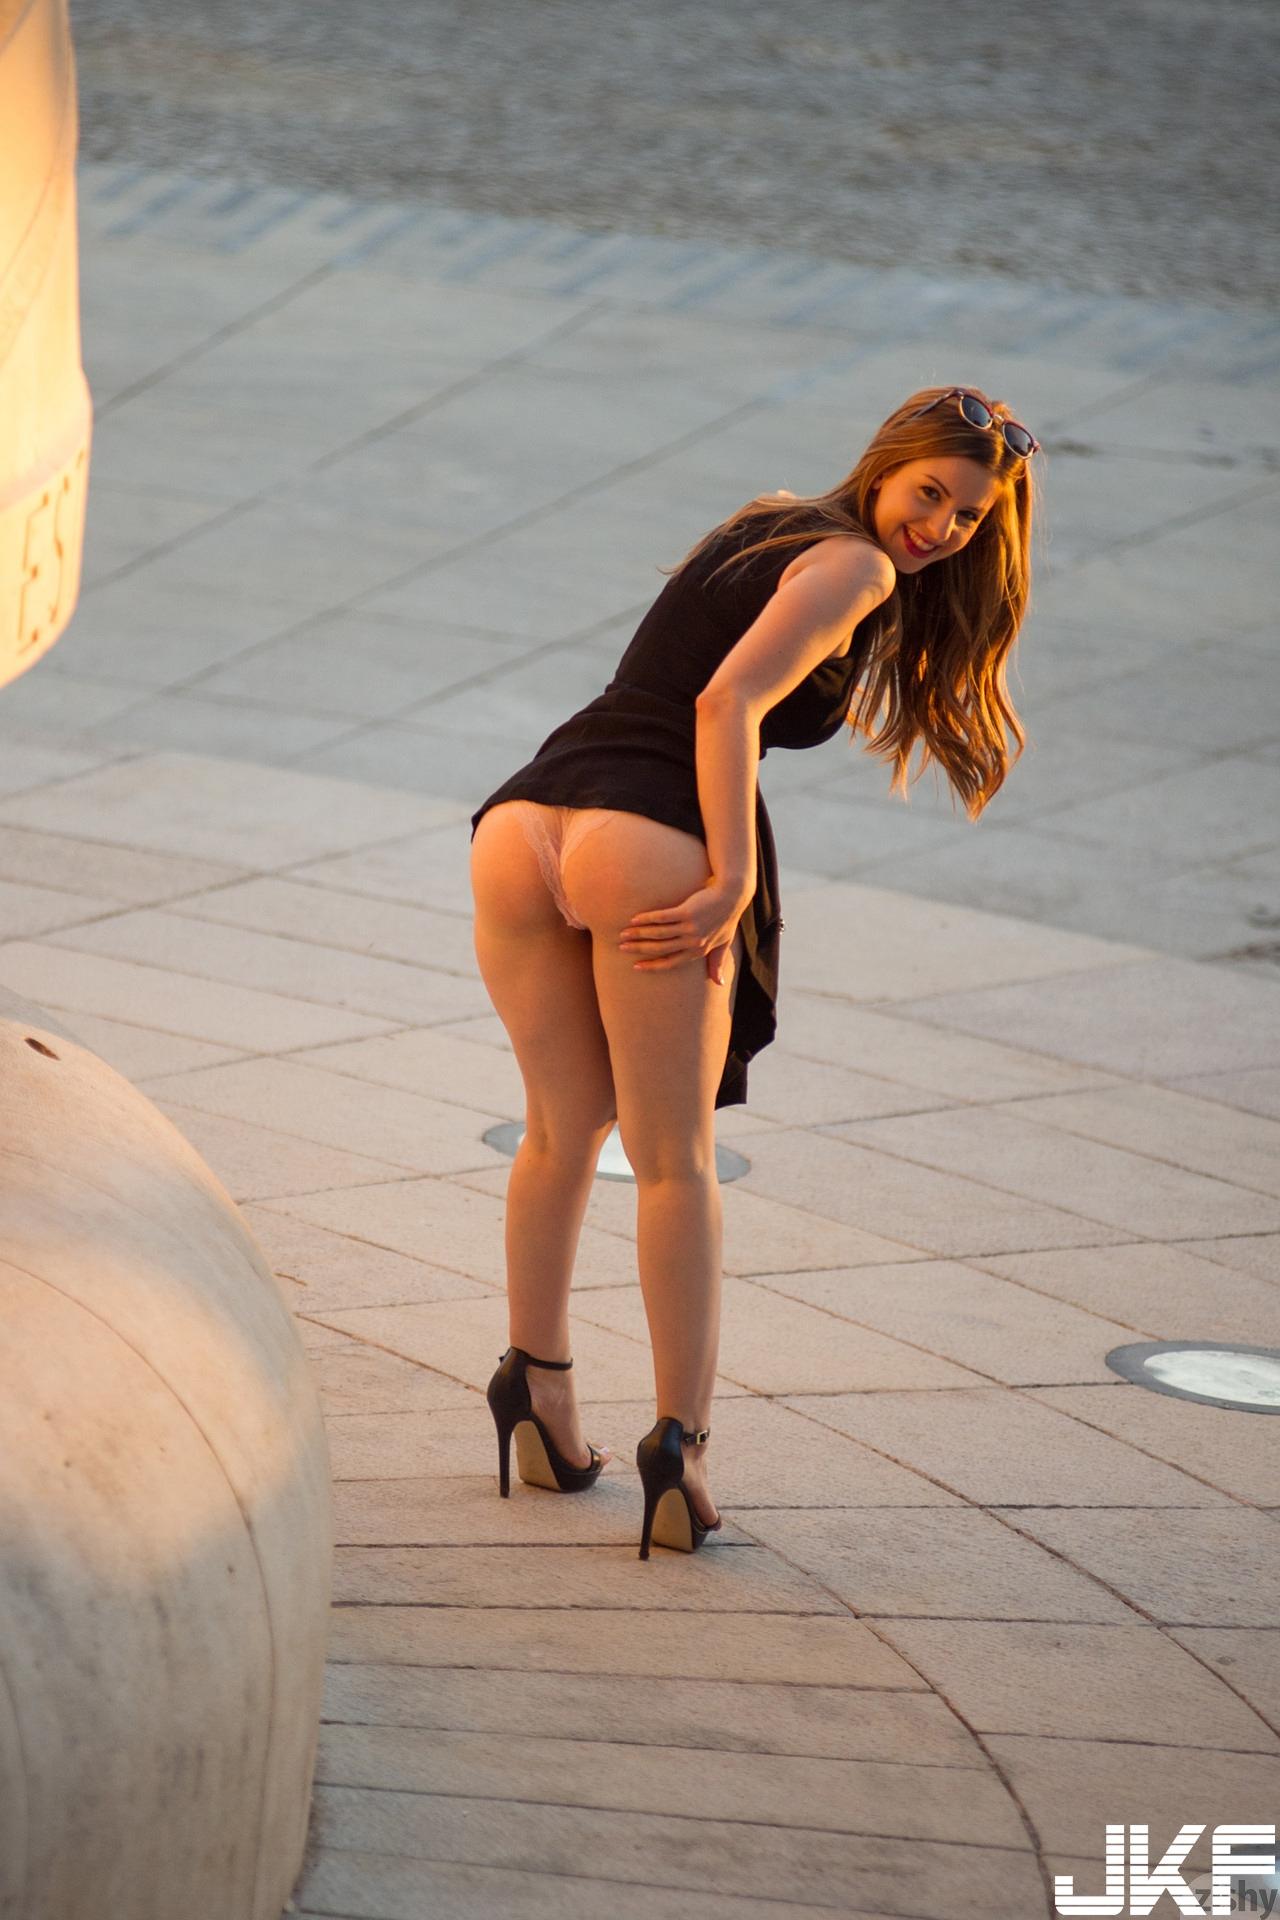 Curvy-Babe-Stella-Cox-with-Big-Naturals-Wearing-Platform-High-Heels-4.jpg